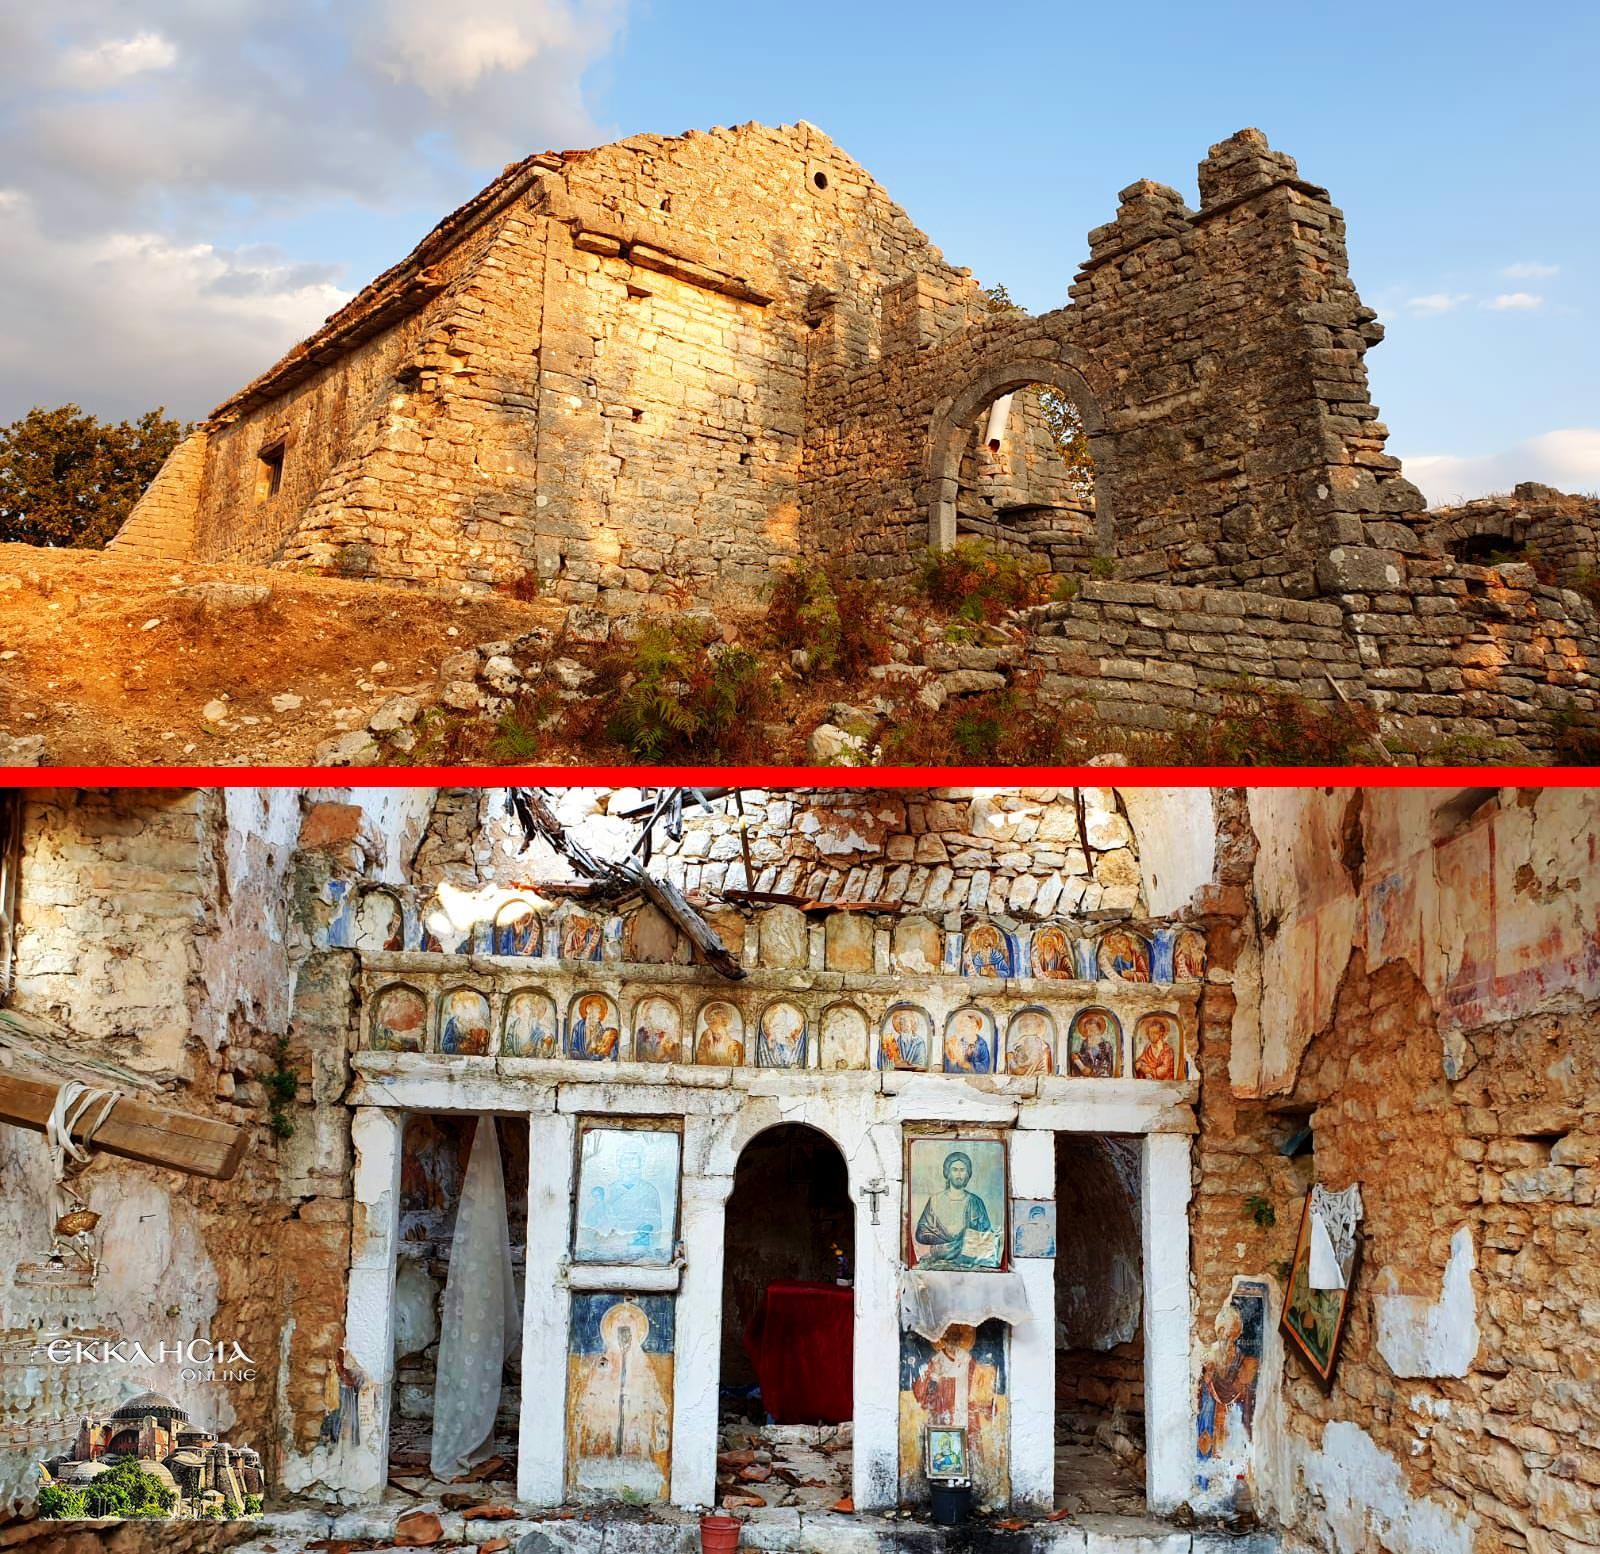 Αναστηλώνονται δύο ερειπωμένα ιστορικά μοναστήρια της Χειμμάρας